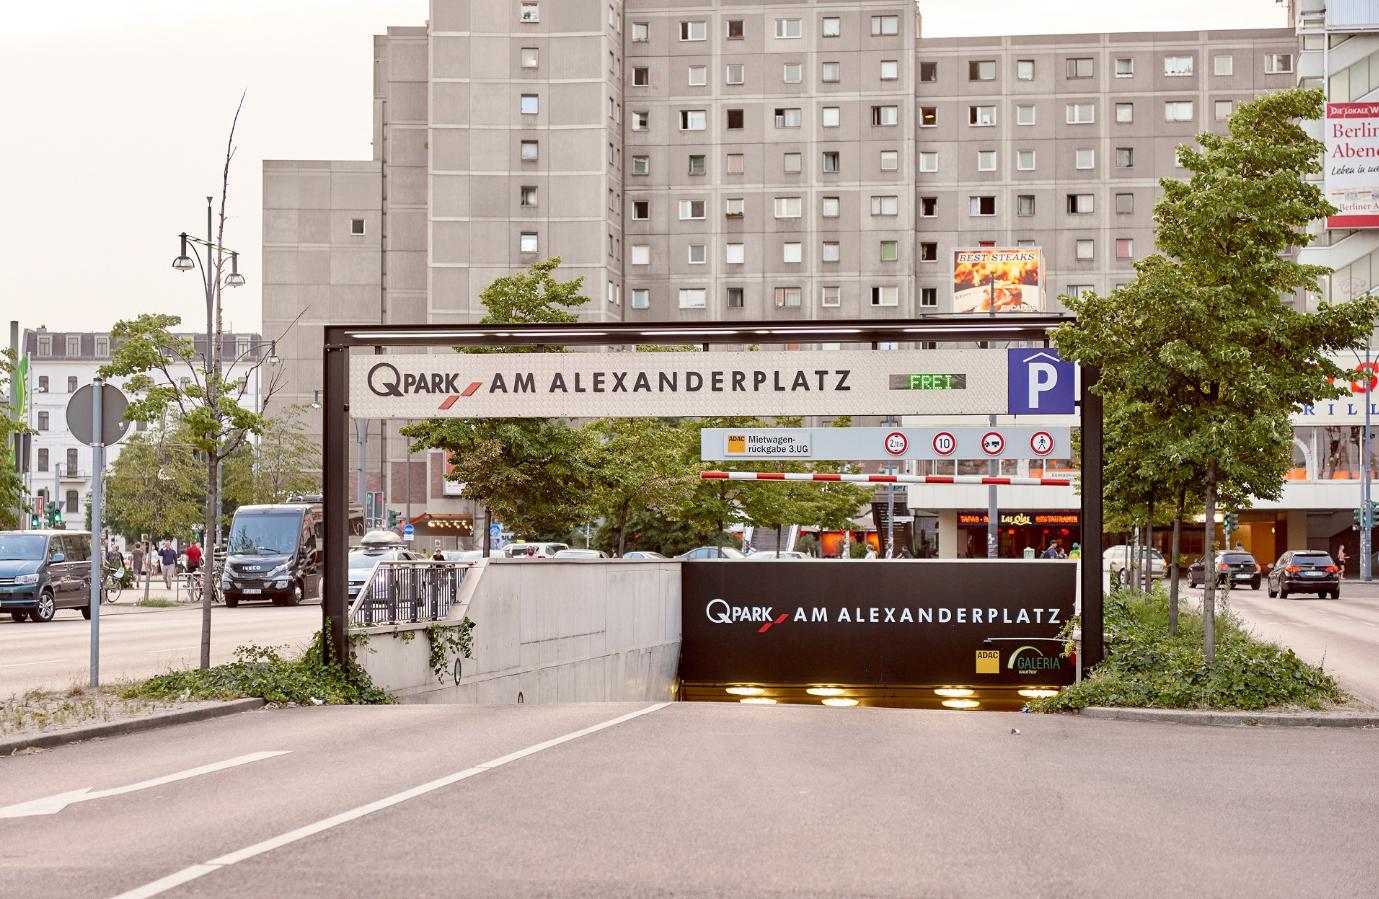 Am Alexanderplatz Parkhaus Berlin Q Park